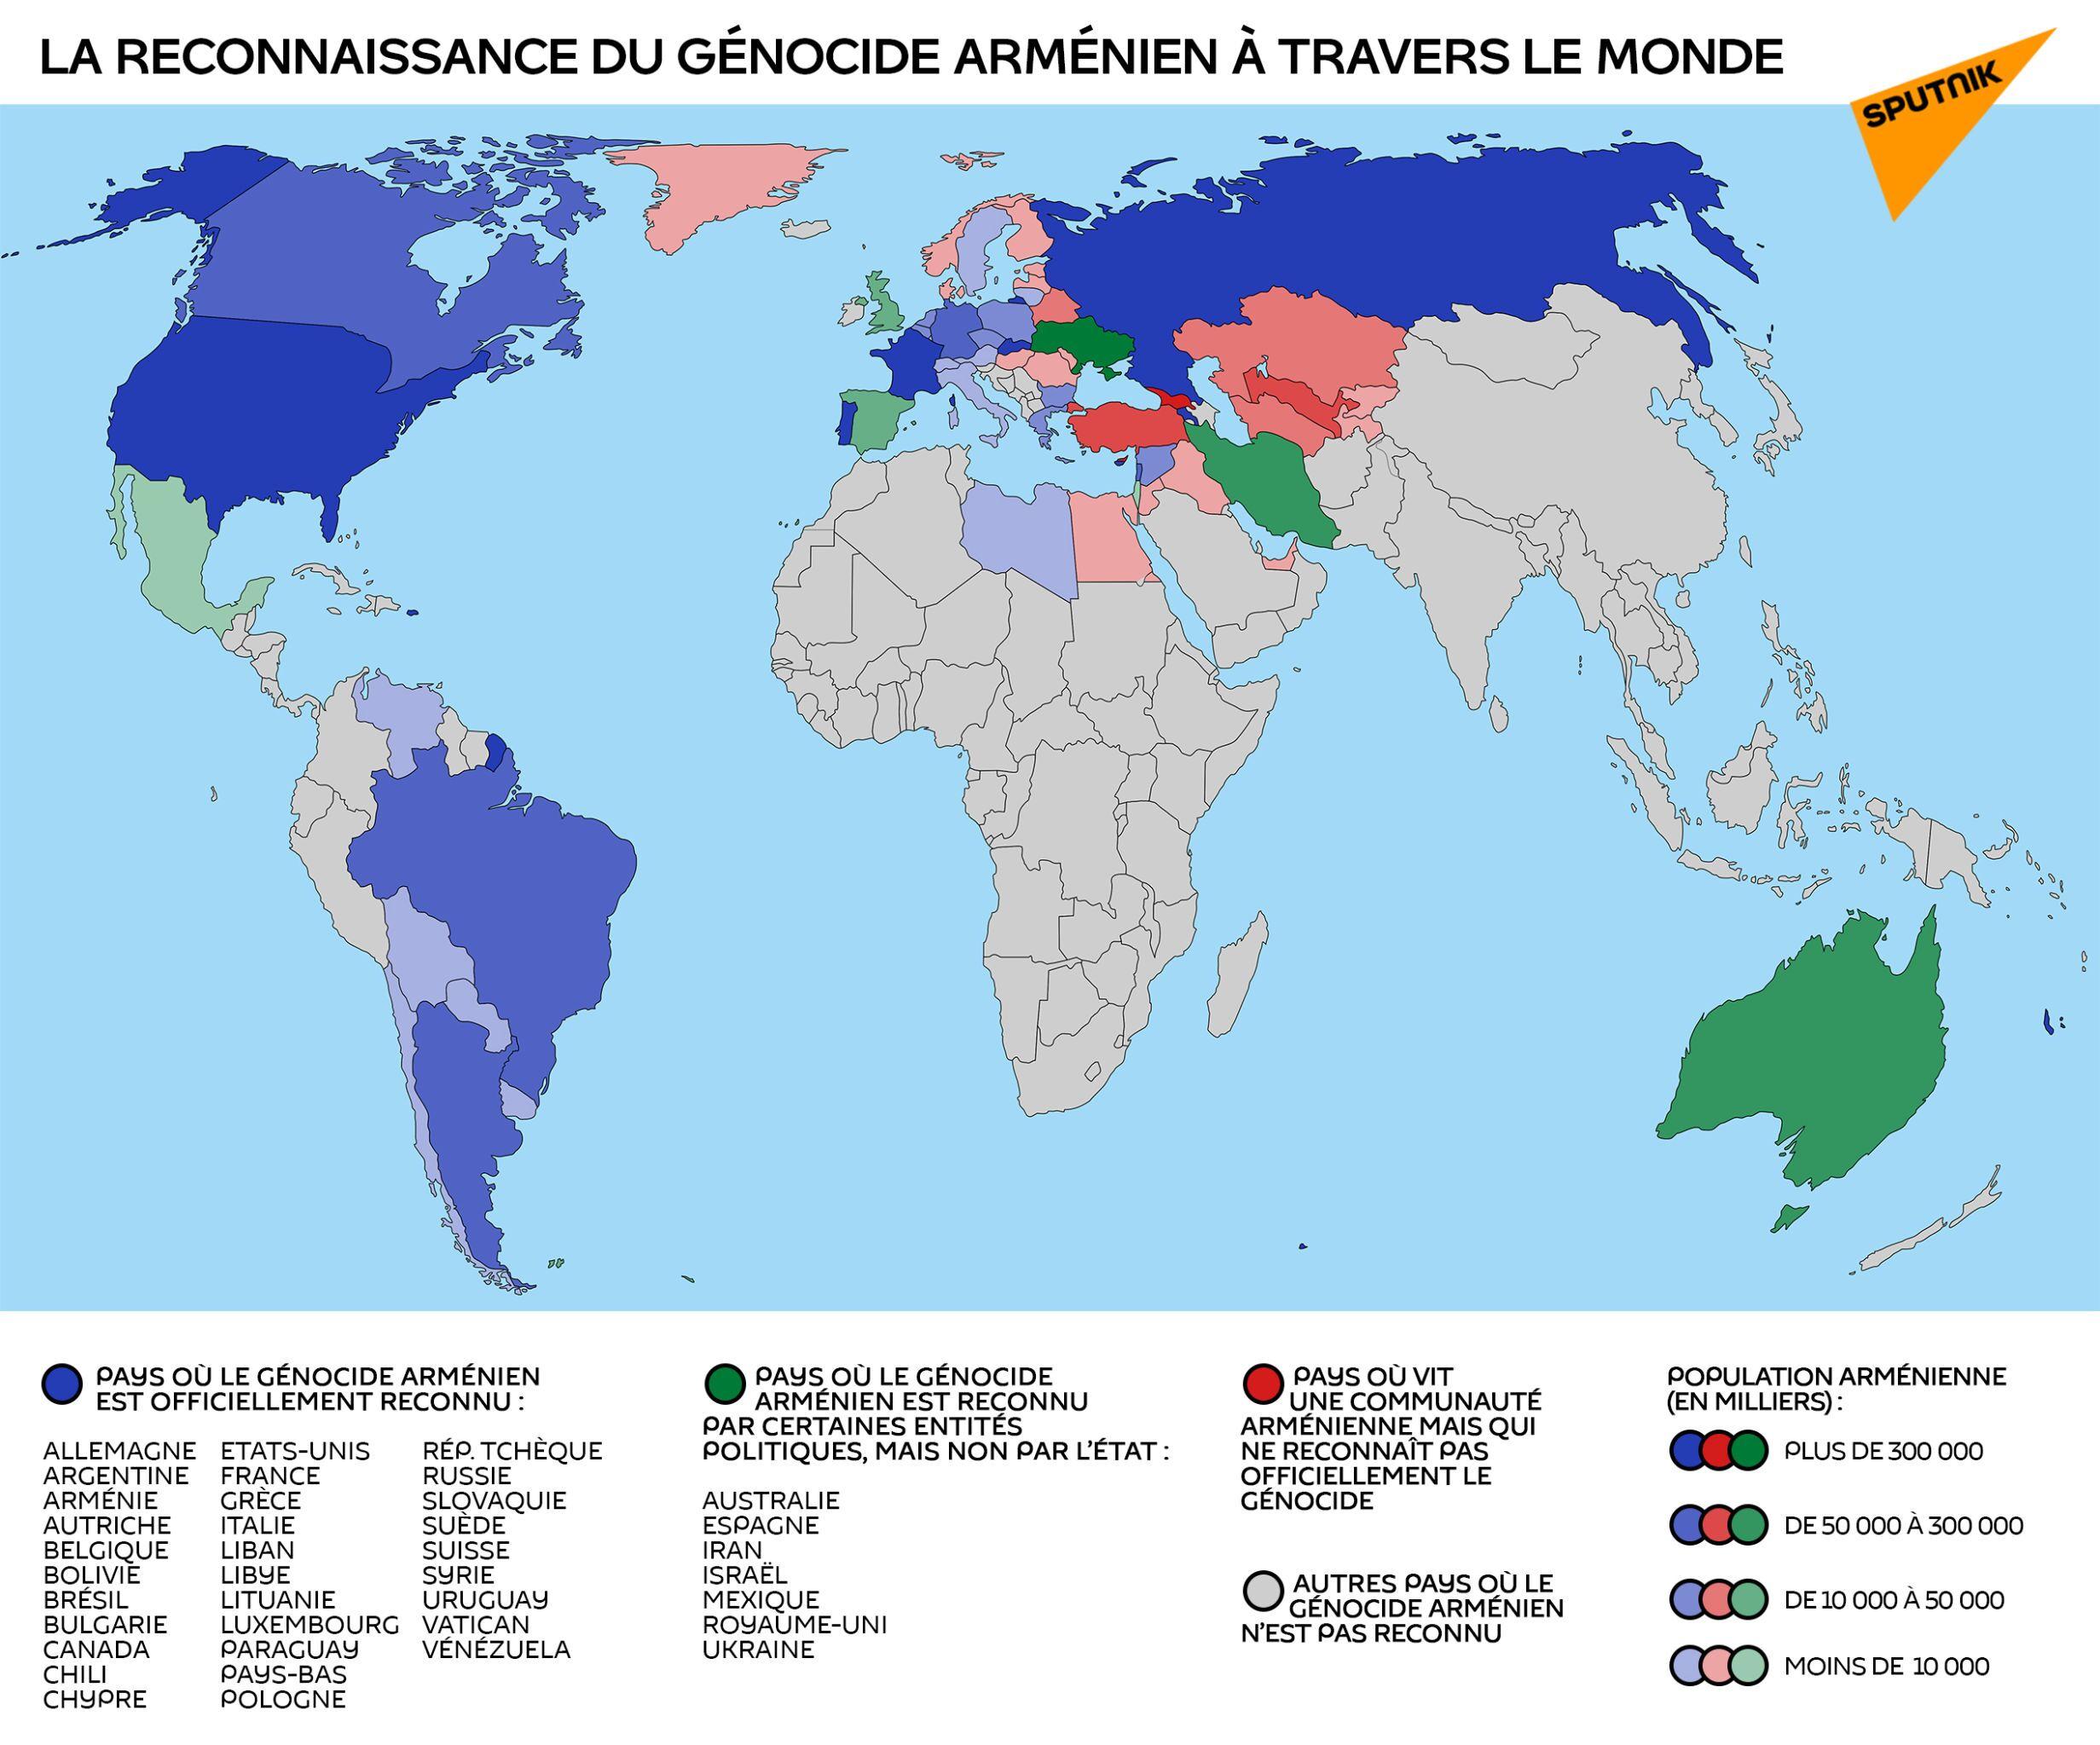 La reconnaissance du génocide arménien à travers le monde